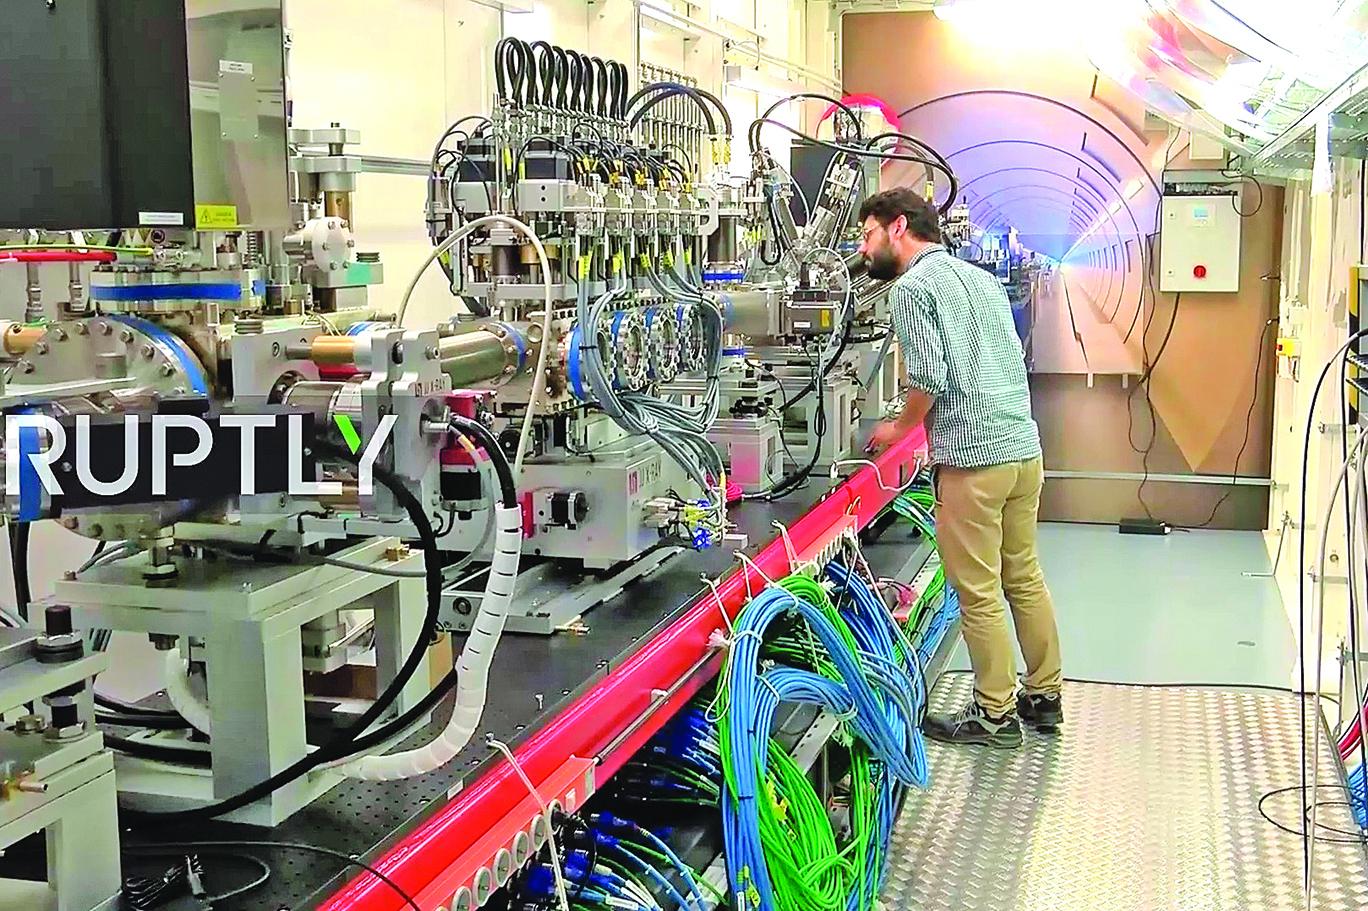 科學家使用X射線自由電子激光器(XFEL)拍攝原子影像。(影片截圖)